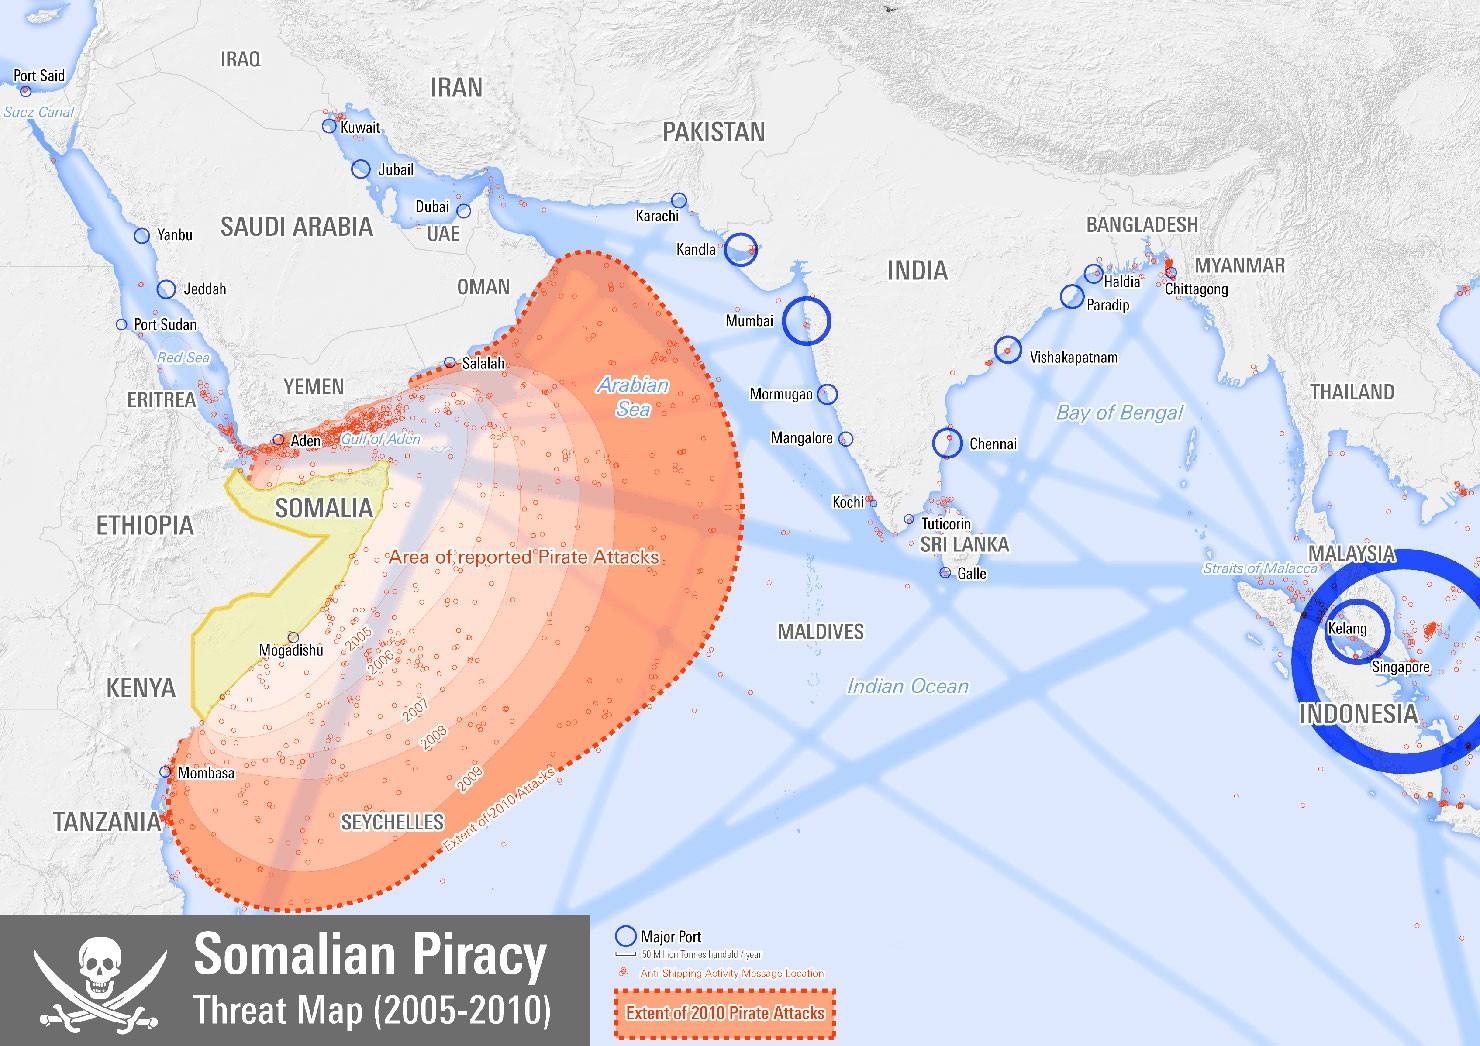 Кто победил сомалийских пиратов?